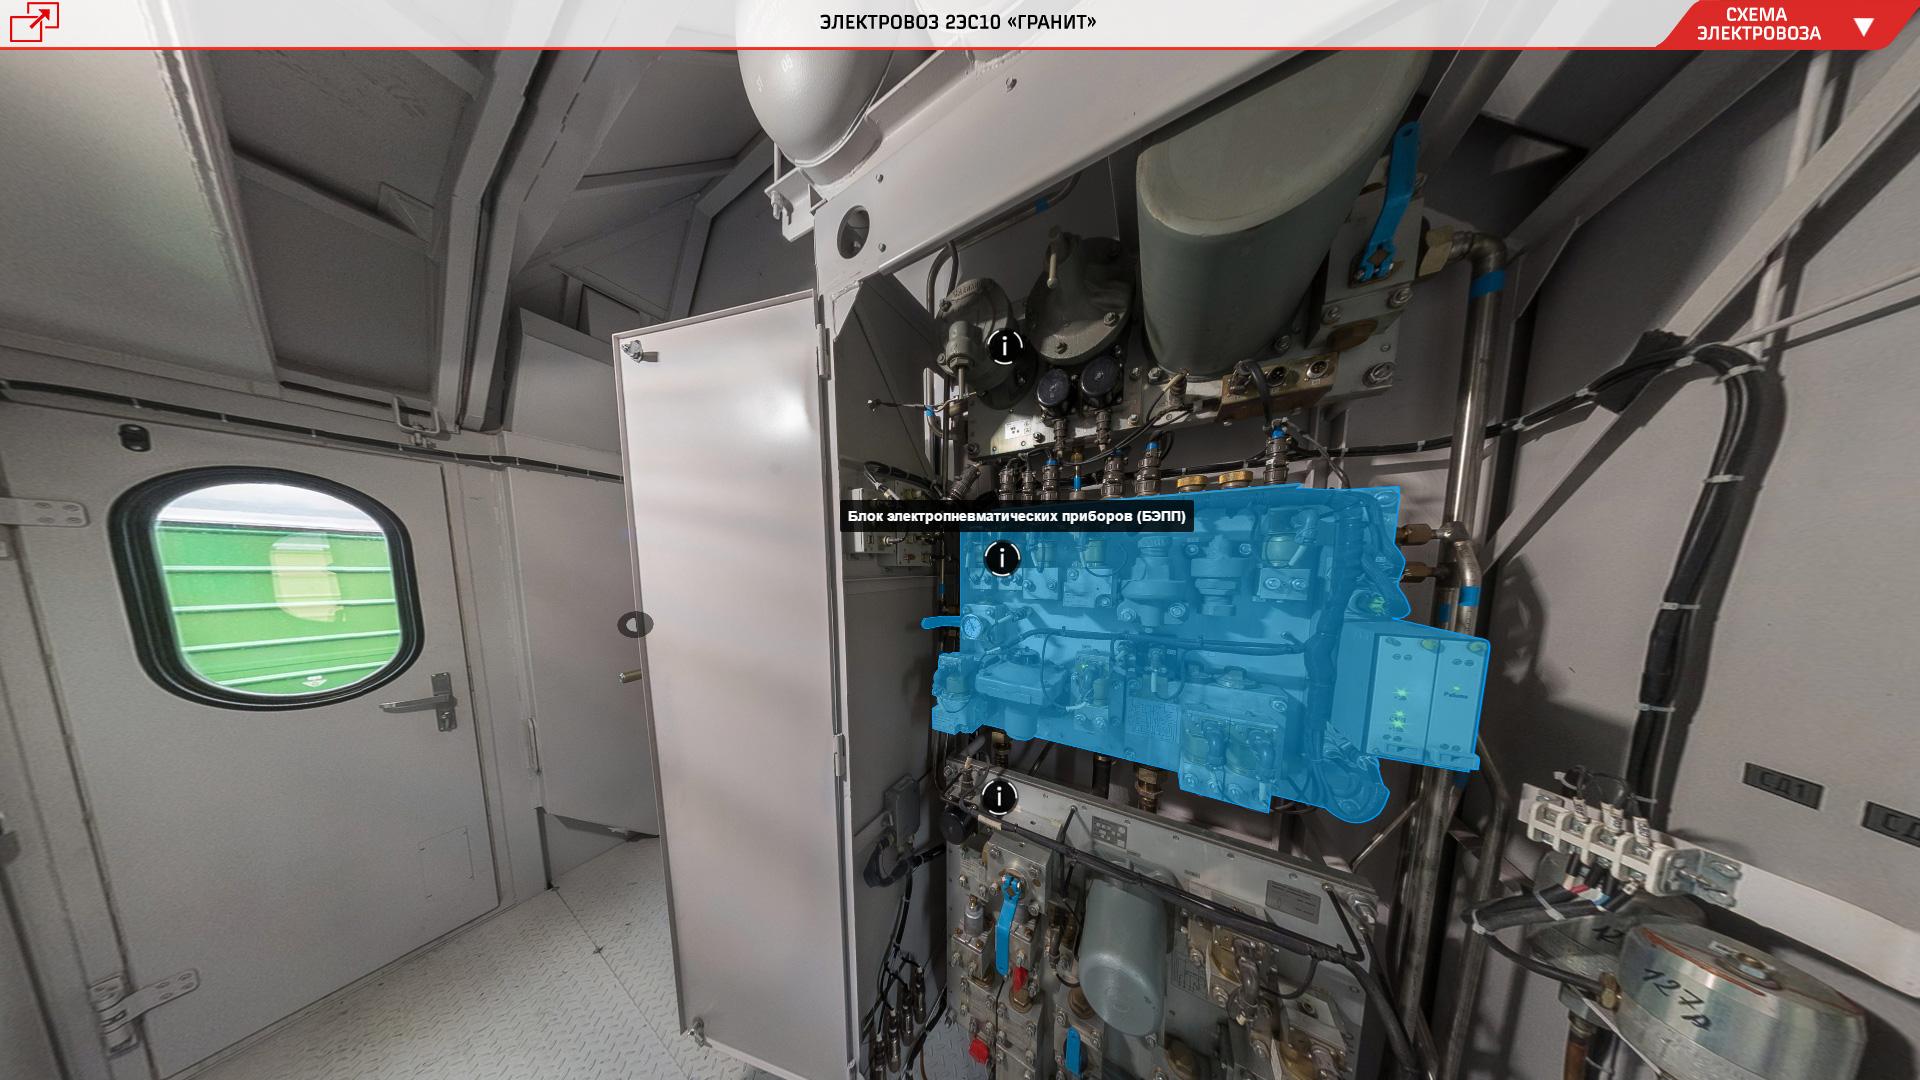 granit16 13 Электронный учебный комплекс «Устройство и основы эксплуатации электровозов нового поколения 2ЭС10 «Гранит»